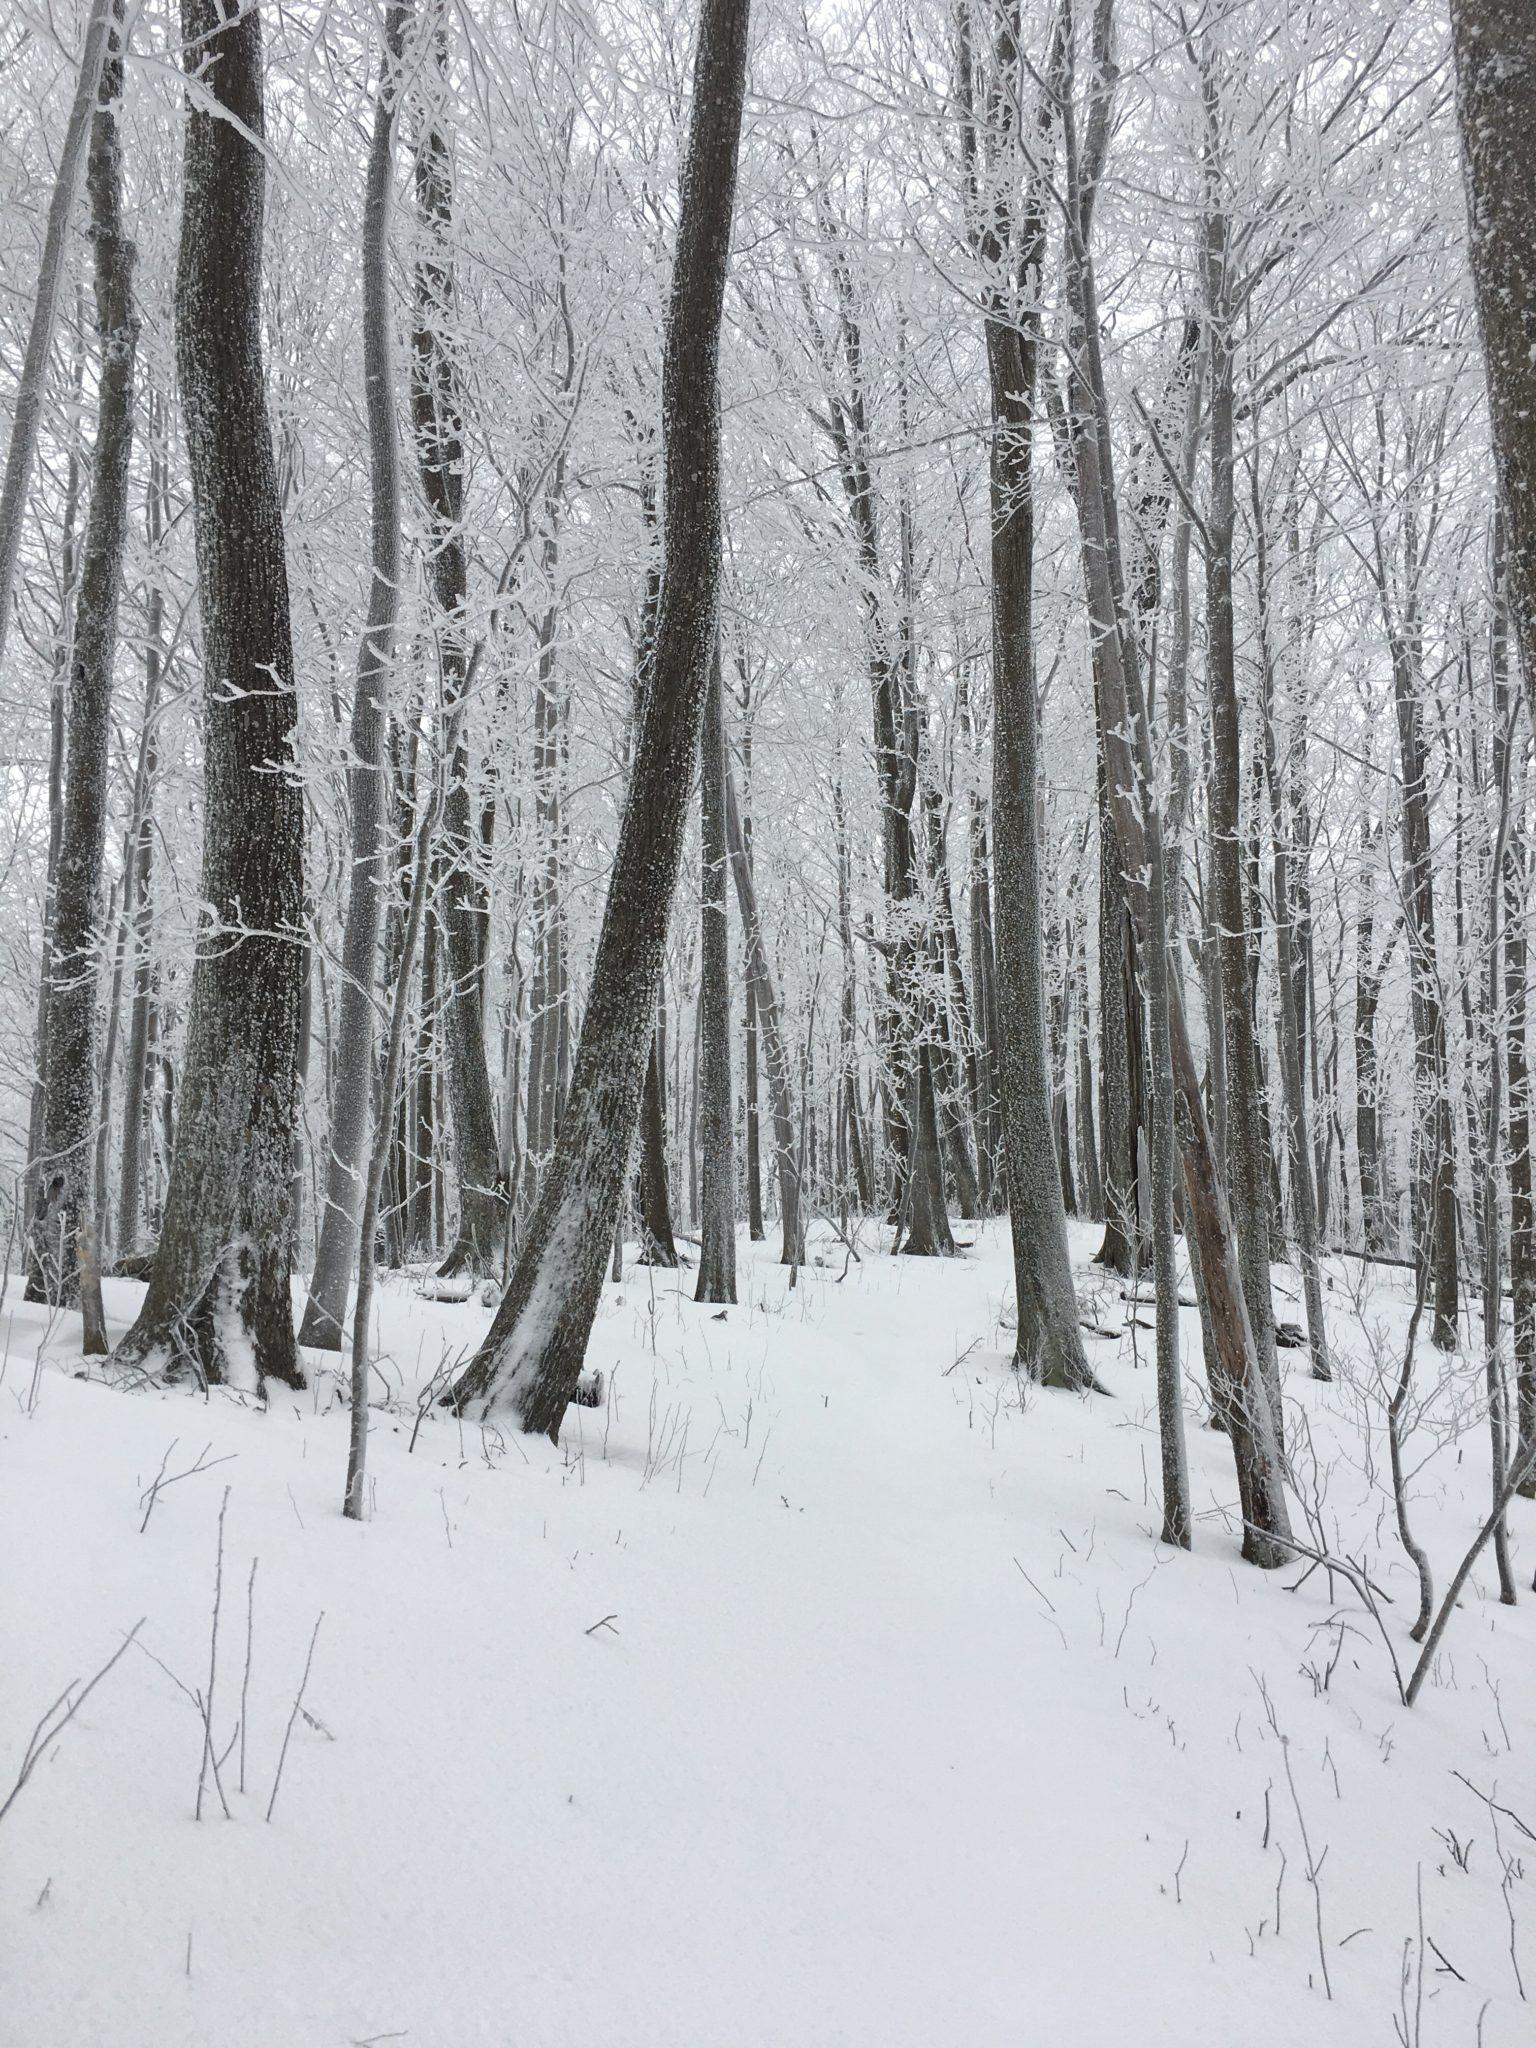 Breaking trail through fresh snow